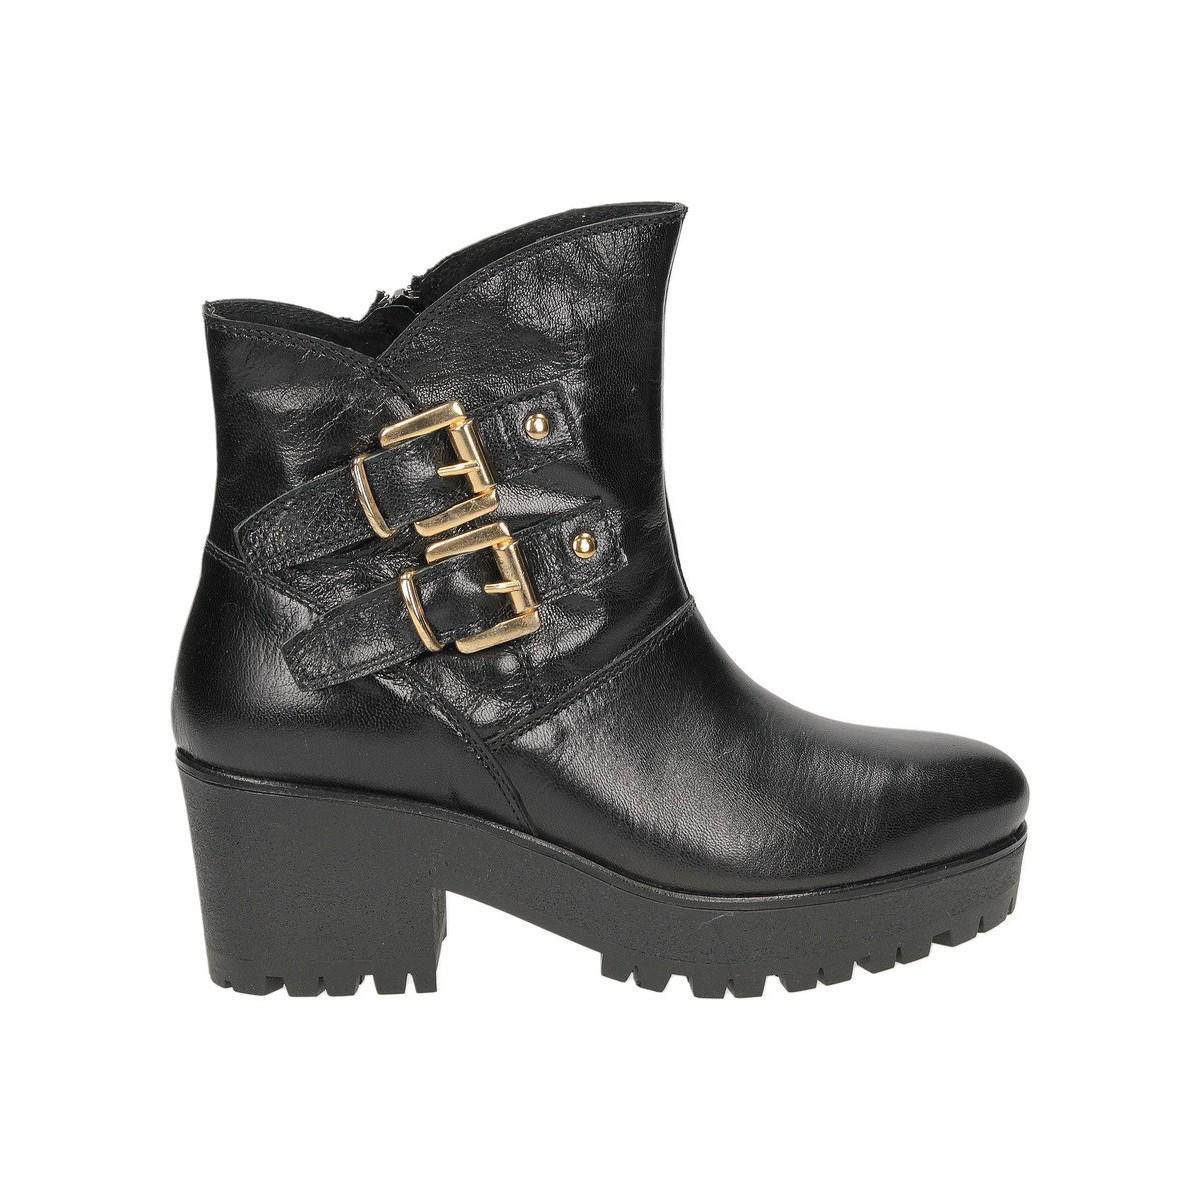 Café Noir CAFENOIR 2 FIBBIE noir - Schuhe Low Boots Damen 93,96 €